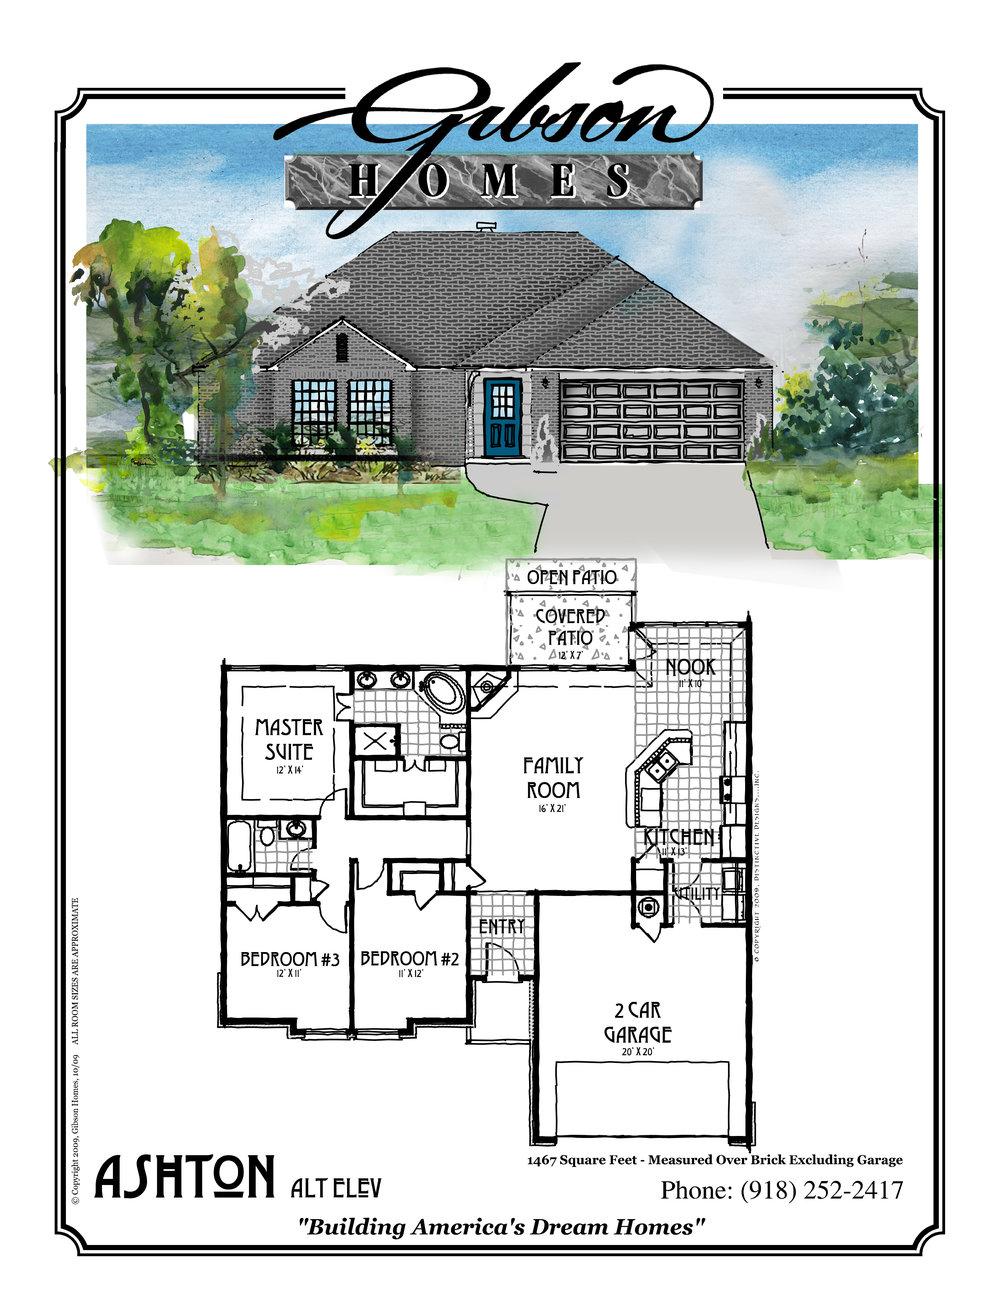 ASHTON - 1467 Sq Feet3 bedrooms2 bathrooms2 car garageBase Price $139,000